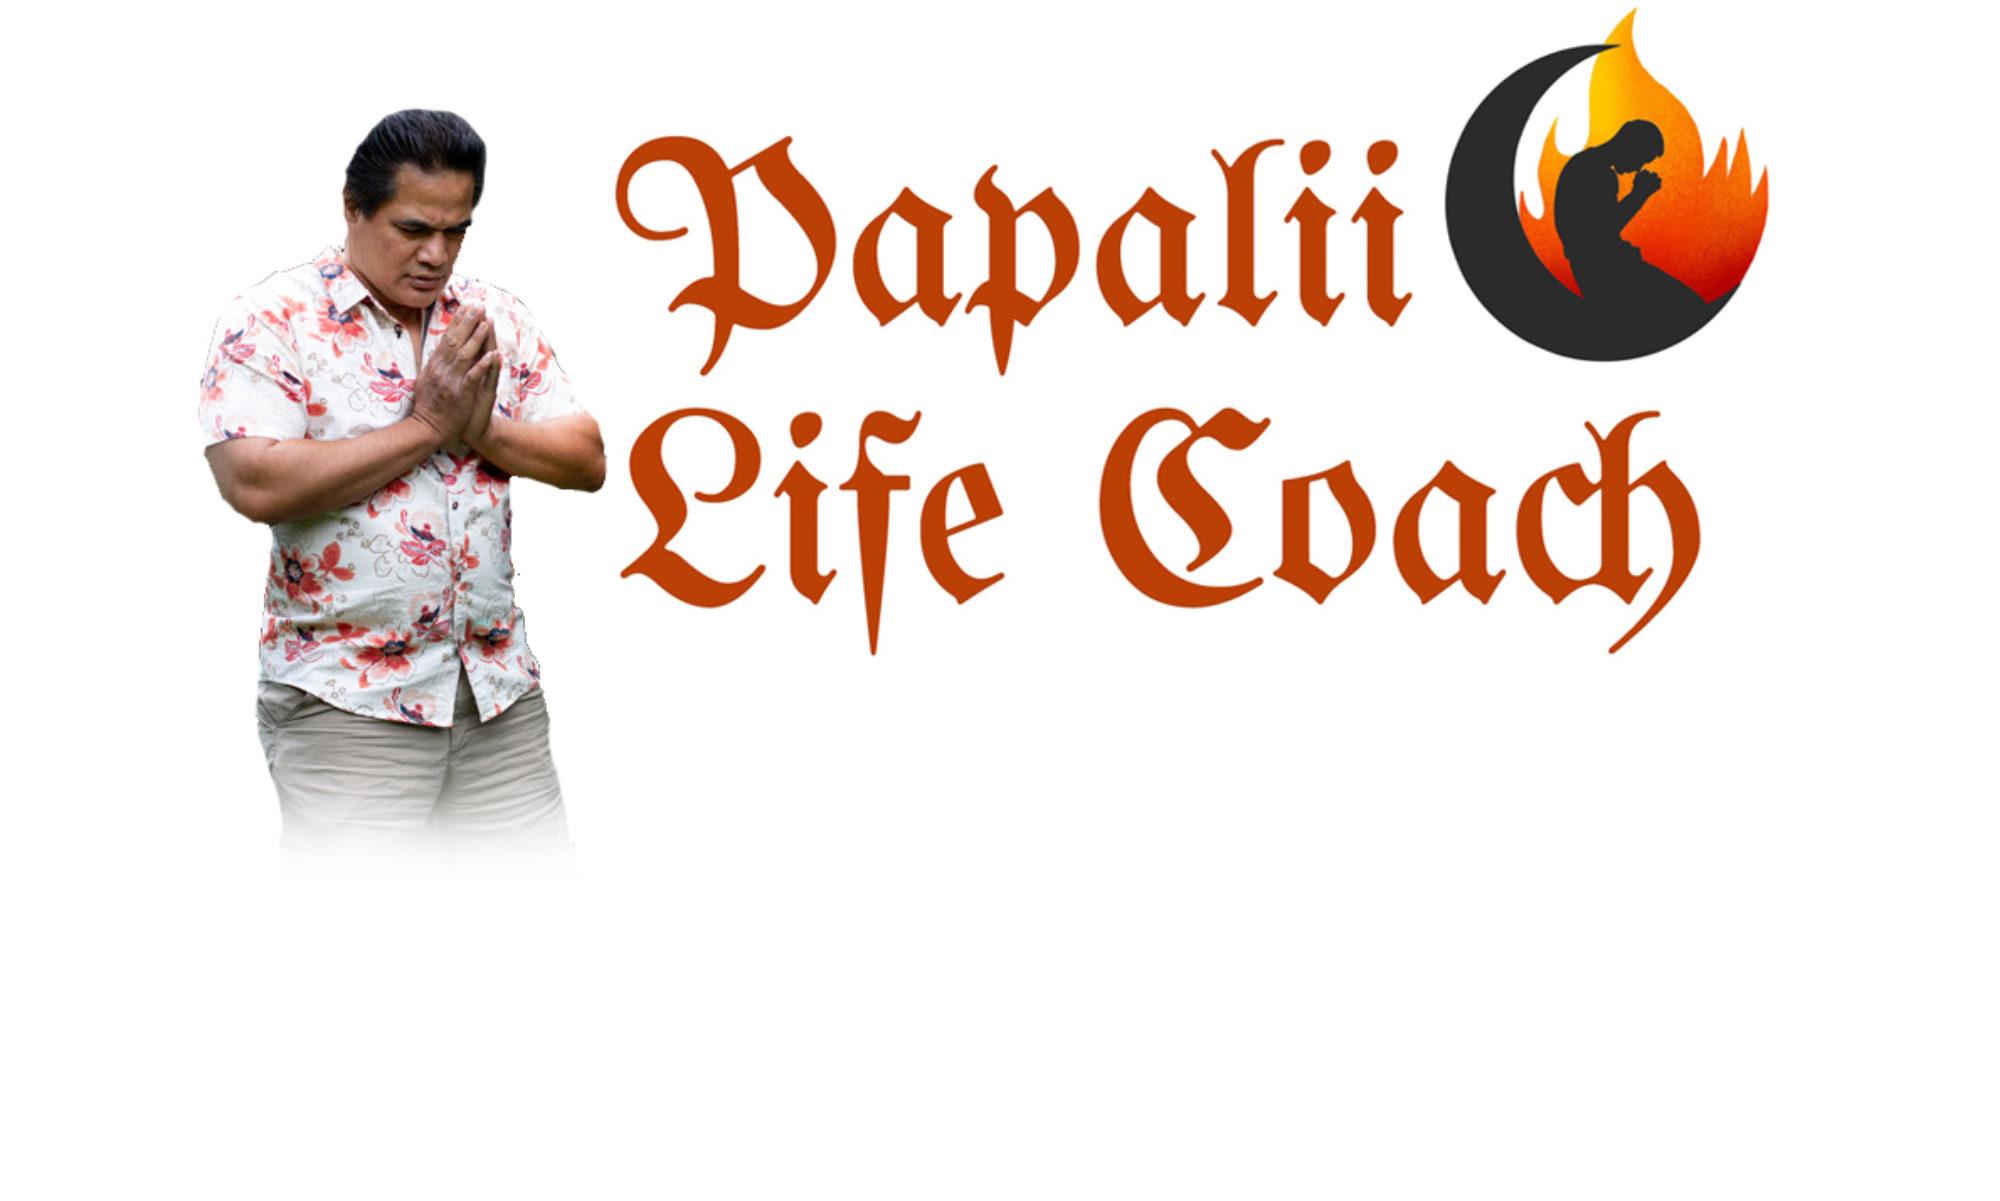 Gethsemene Support Services LLC dba Papali'i Life Coach